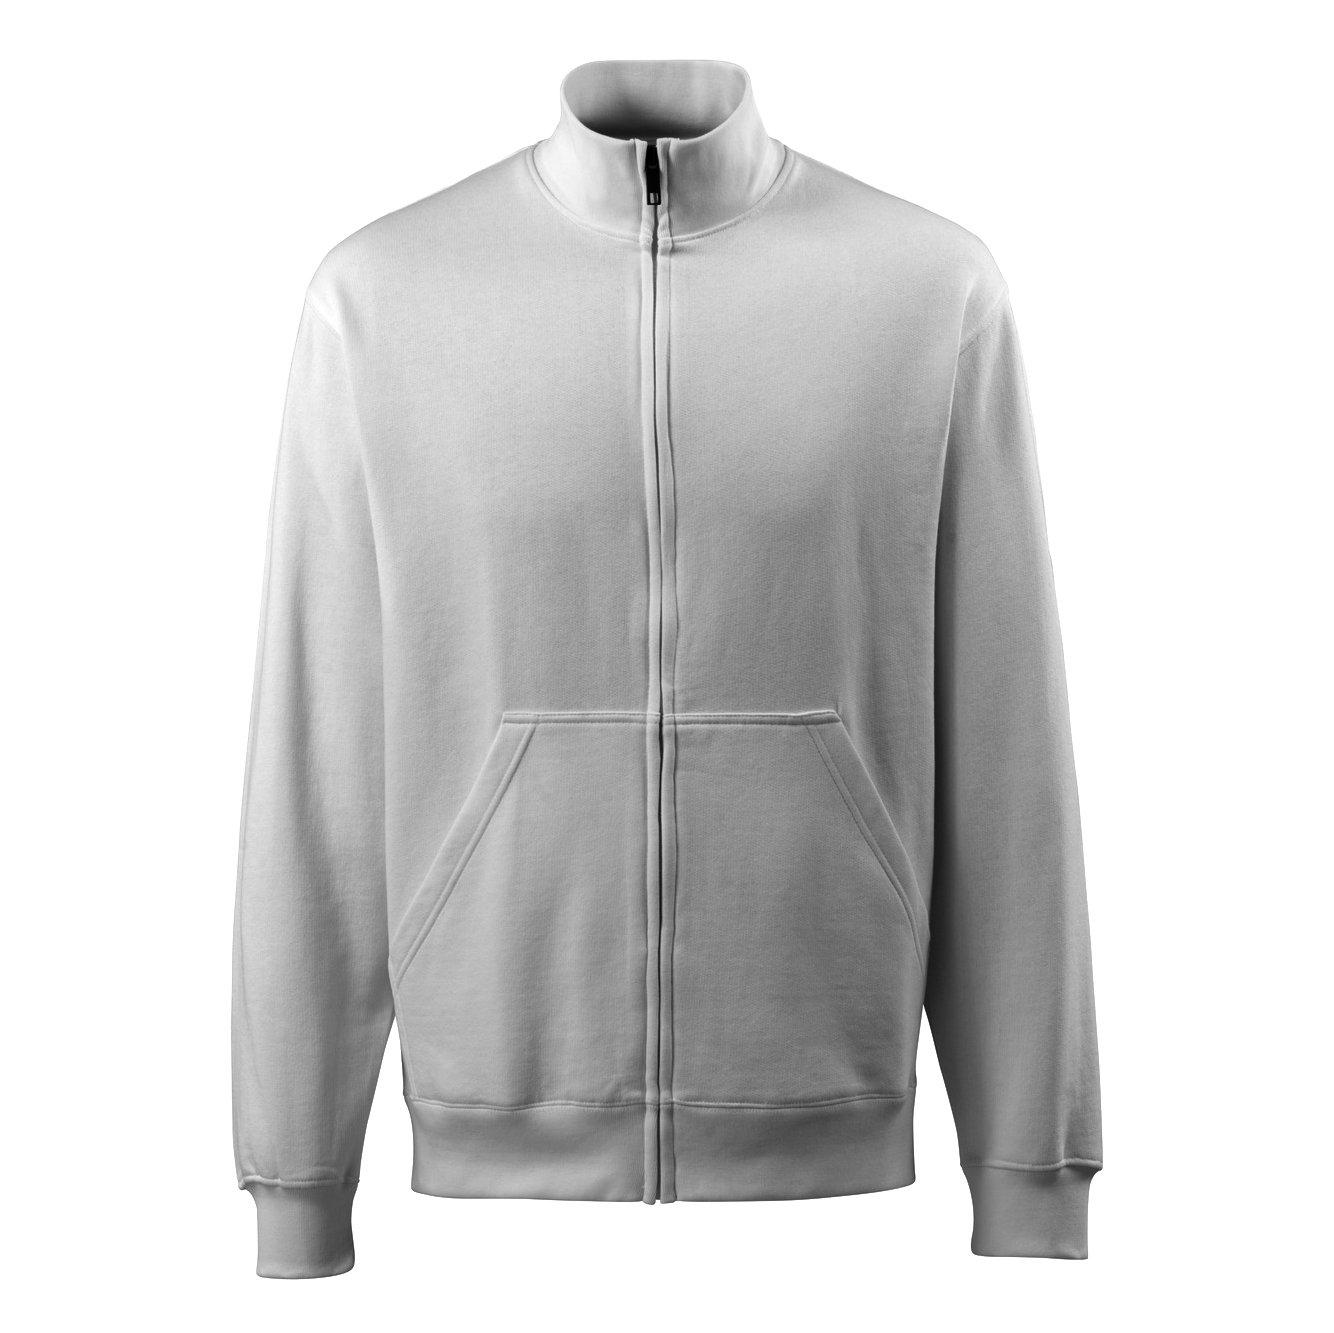 White Mascot 51591-970-06-XS SweatshirtLavit Size XS